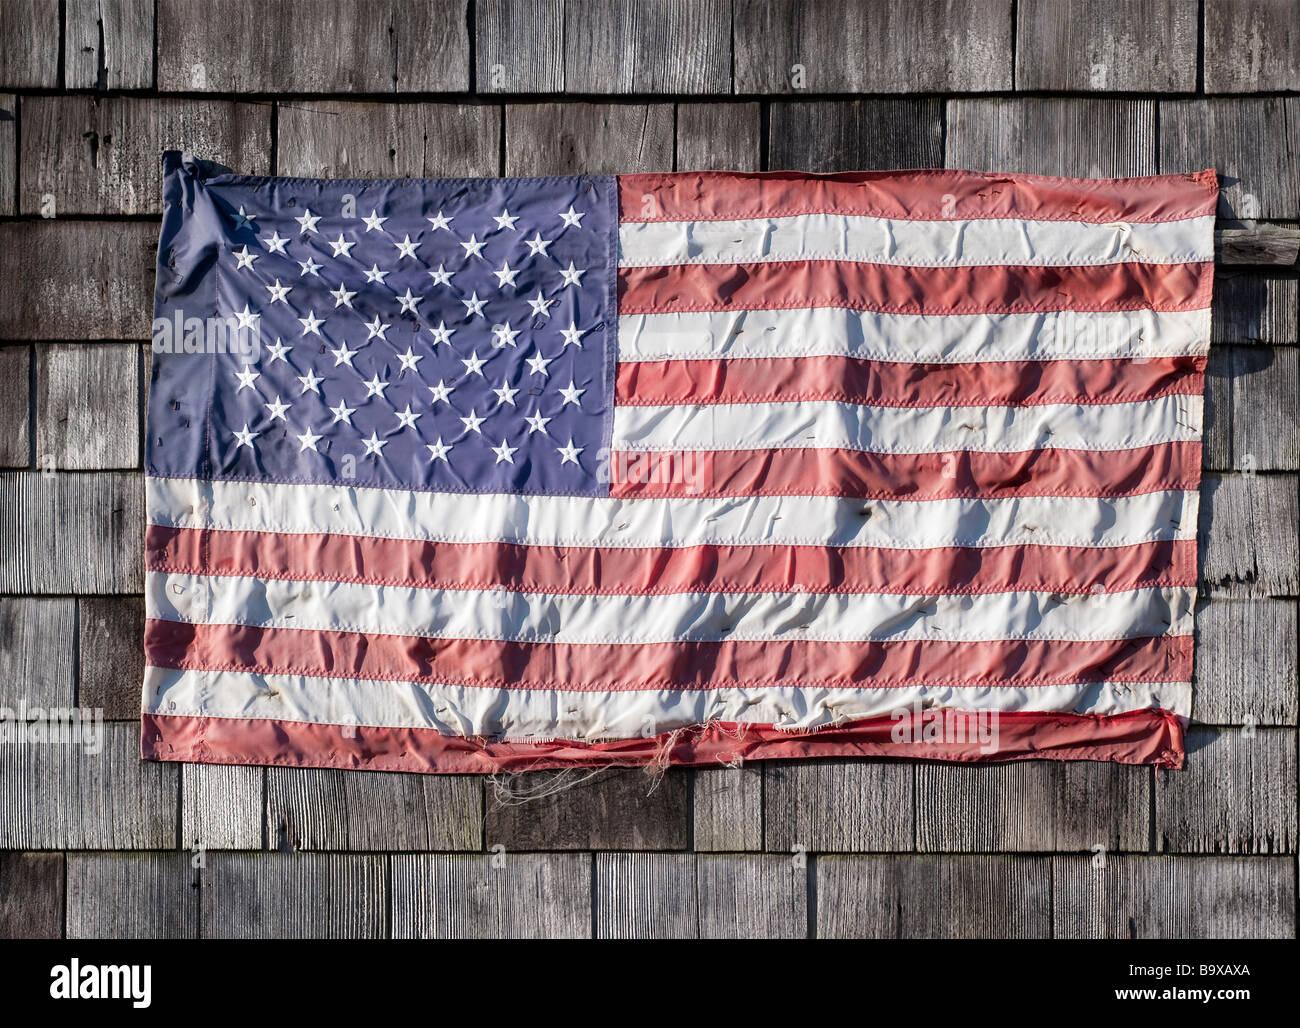 La bandera americana desgastada Imagen De Stock